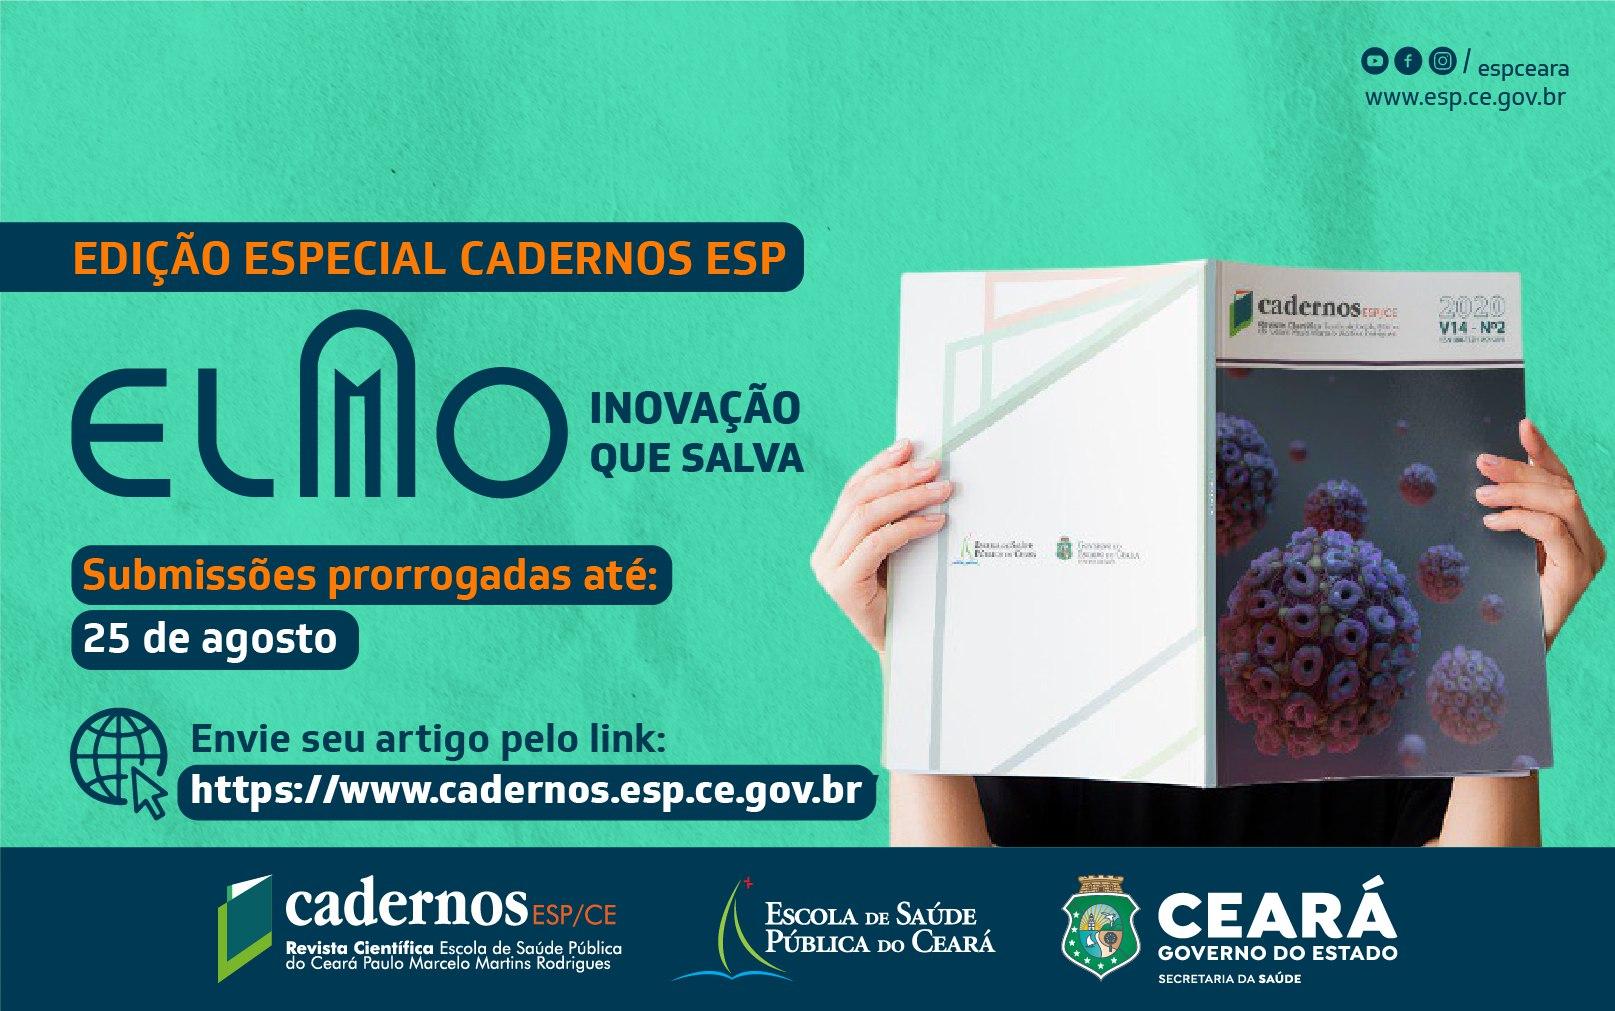 Elmo Inovação que Salva: Chamada internacional da Cadernos ESP é prorrogada até 25/08